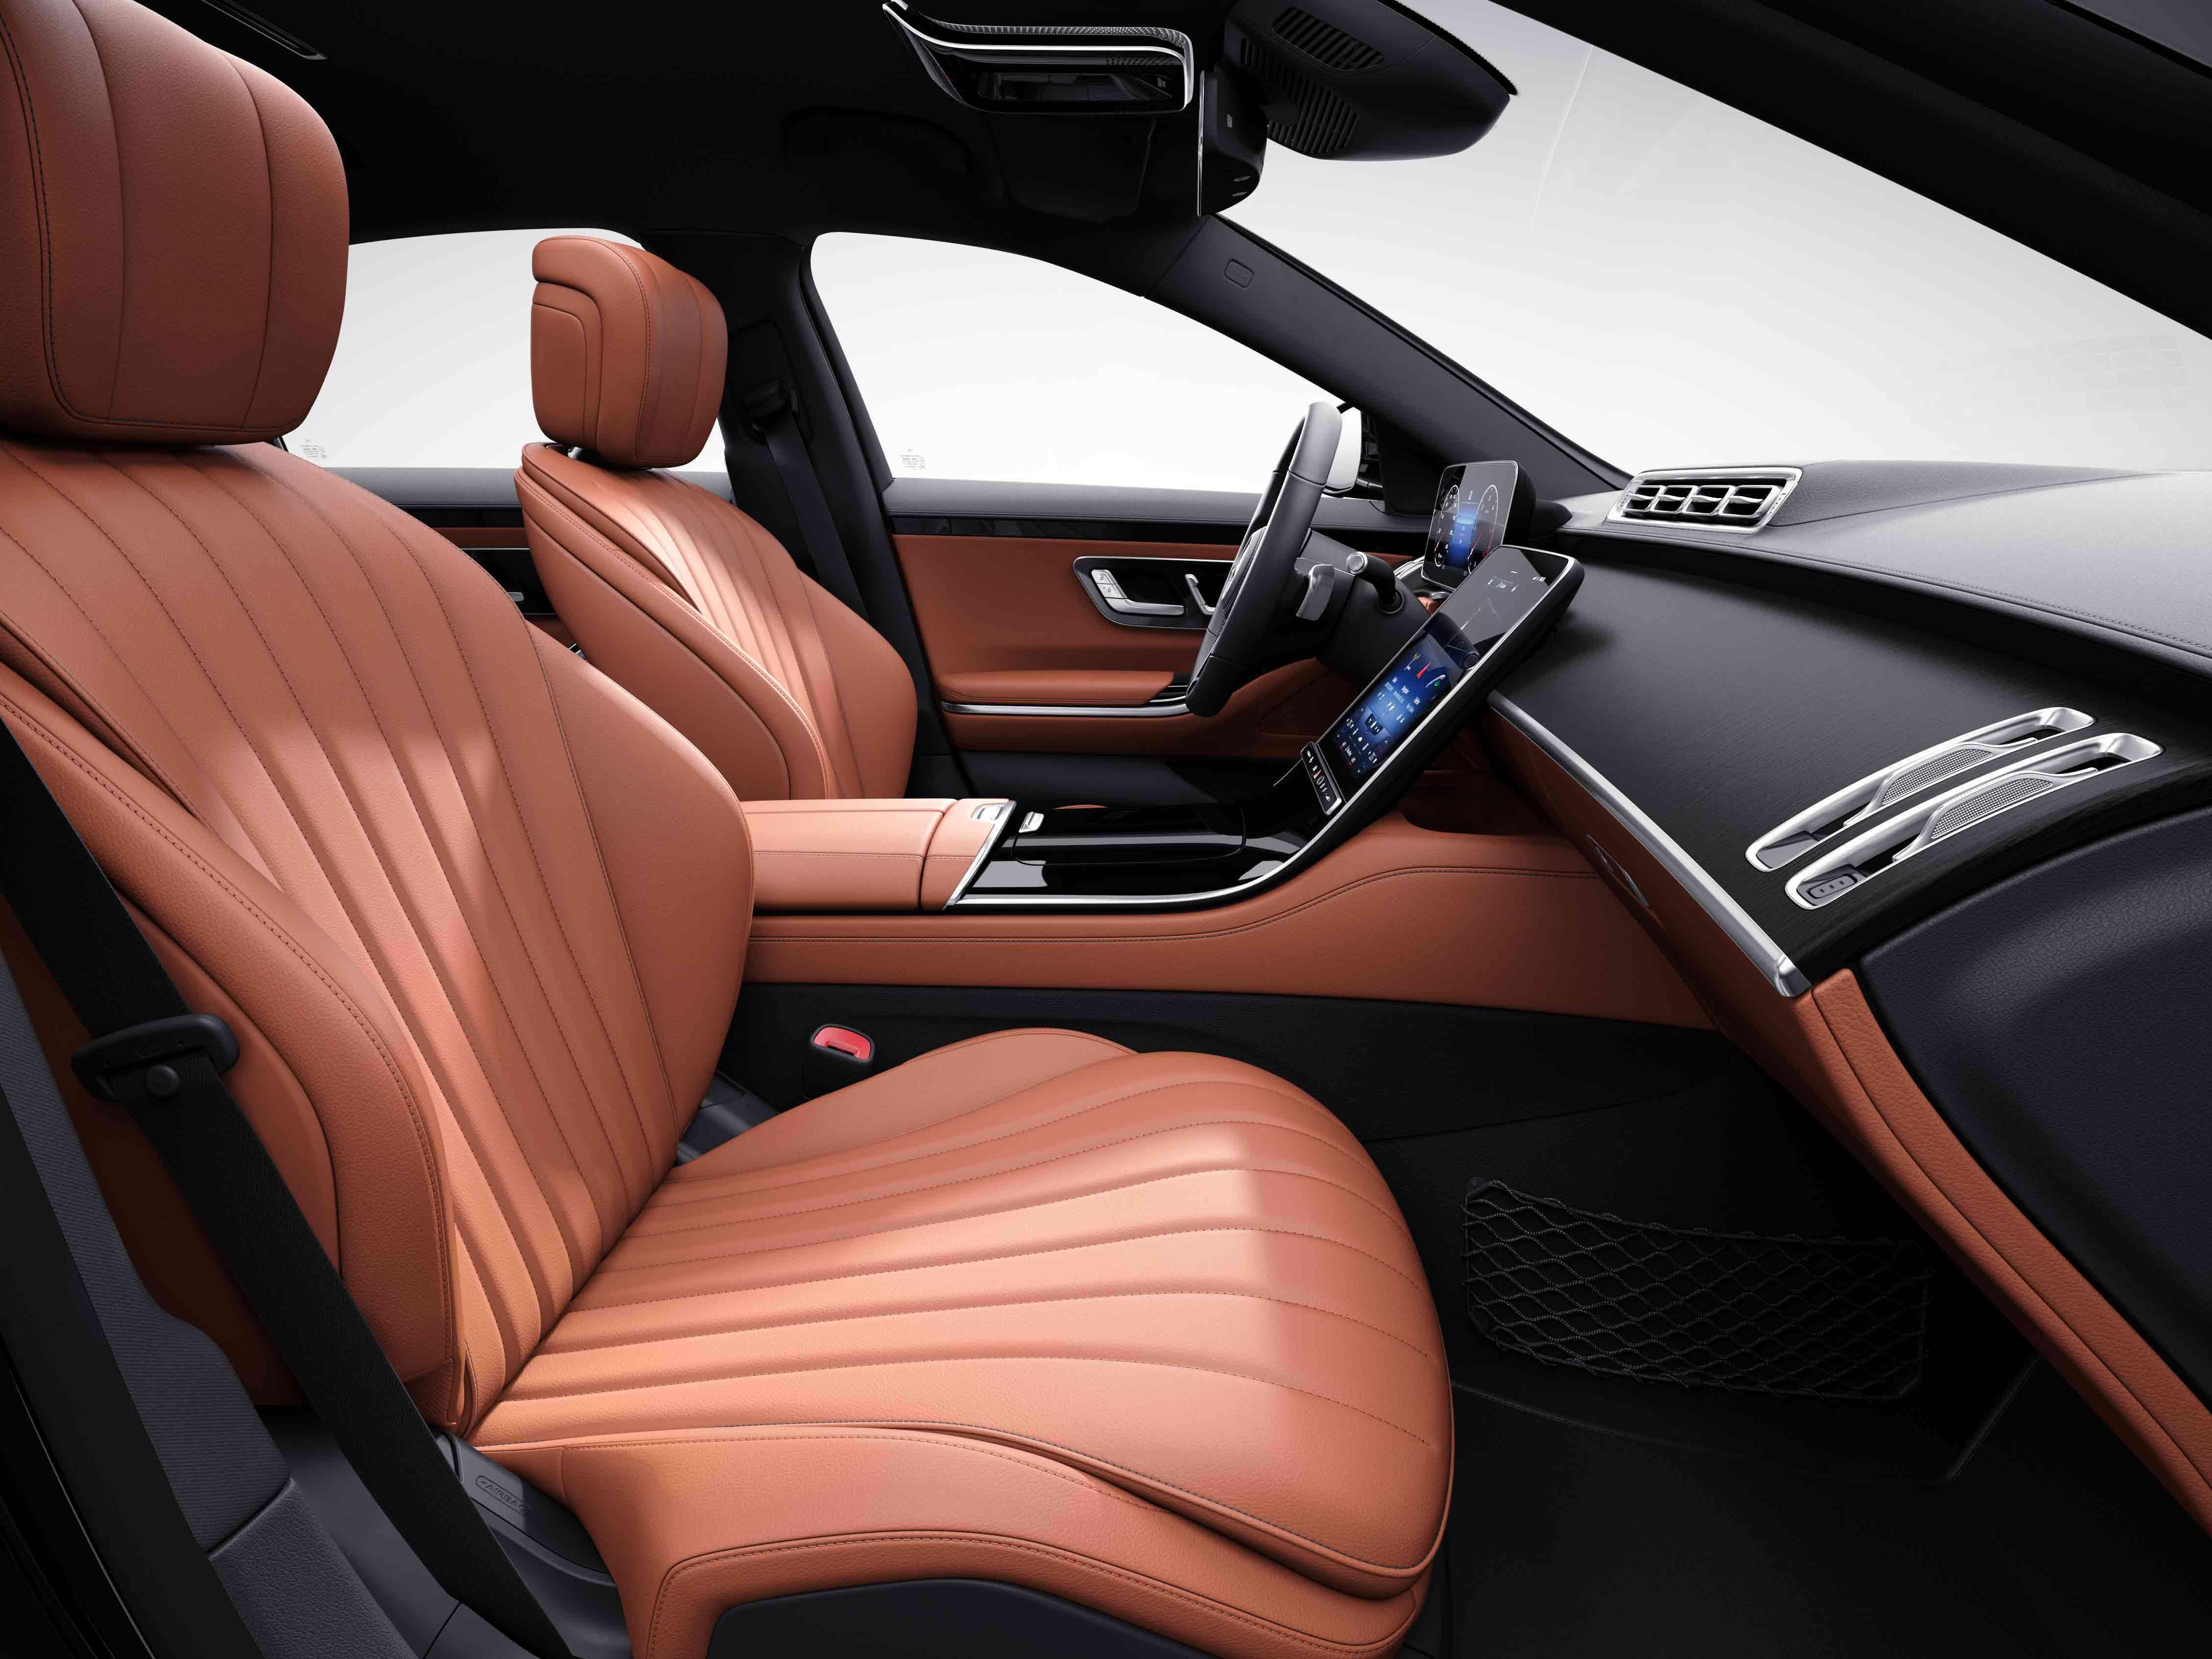 Habitacle de la Mercedes Classe S Limousine avec une Sellerie cuir beige soie marron expresso